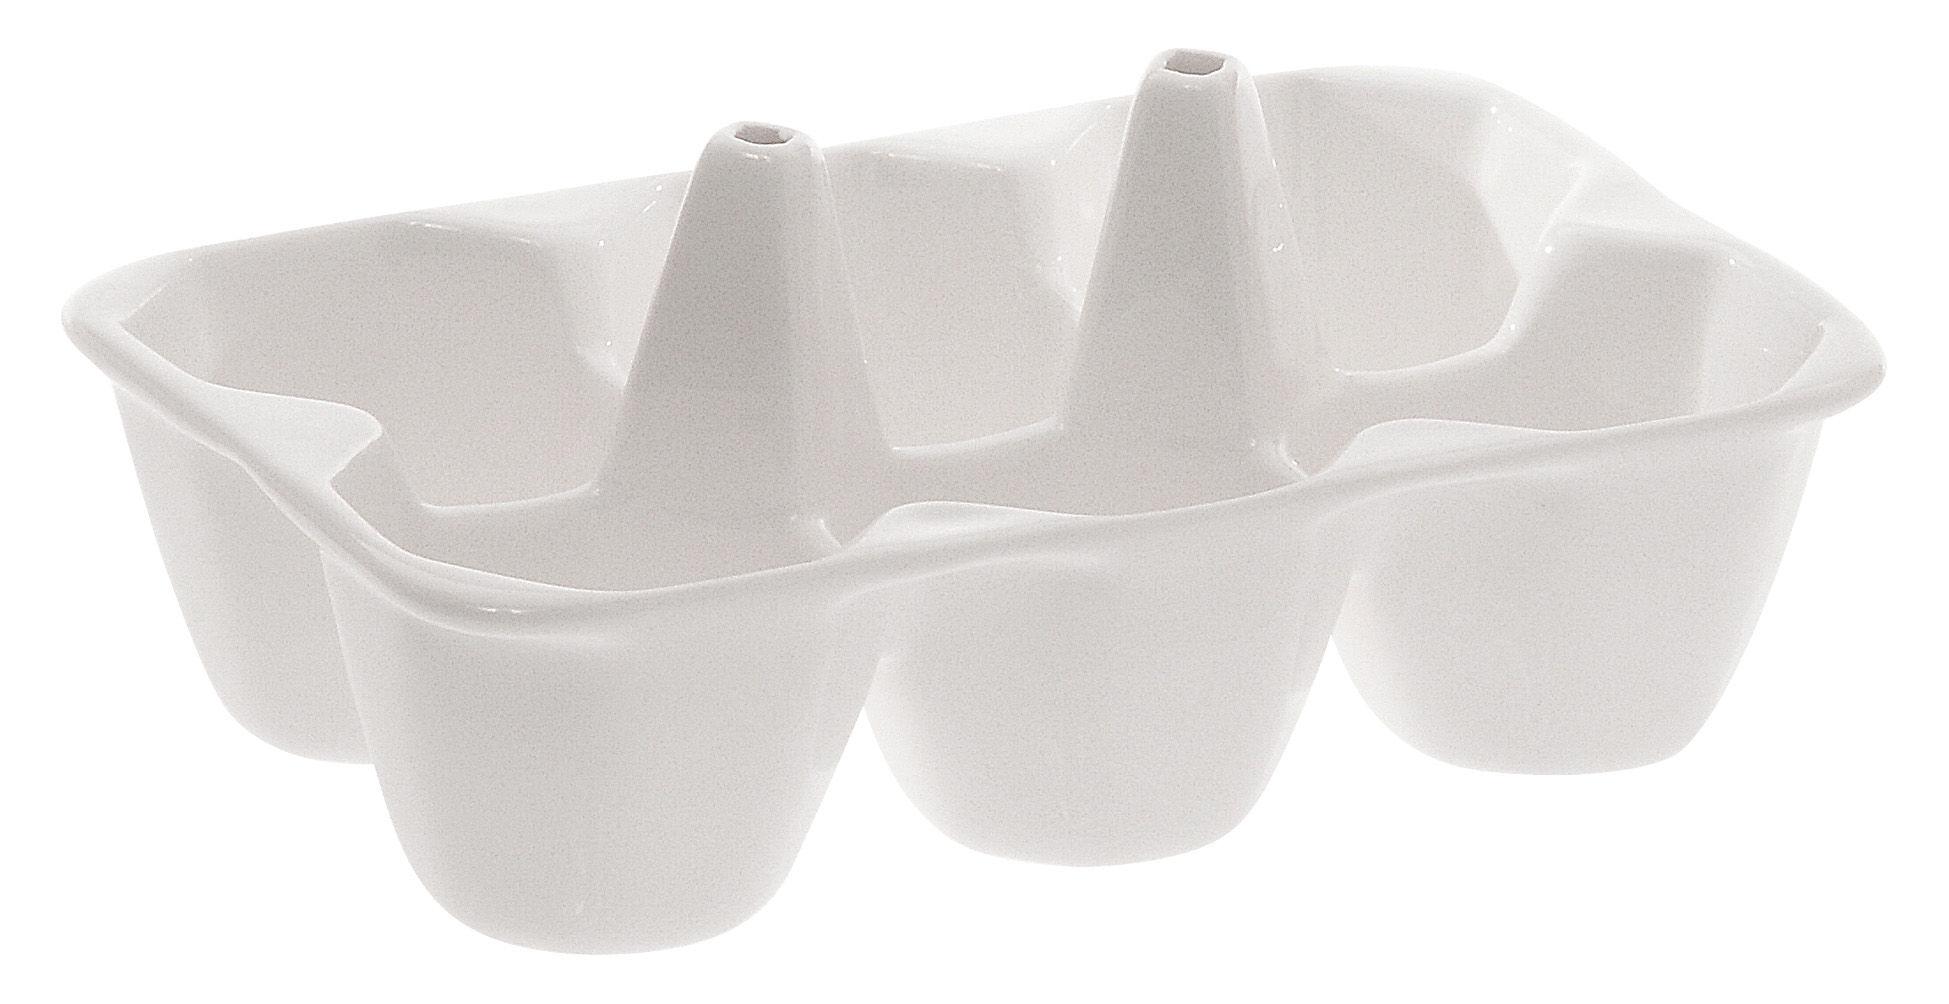 Tischkultur - Platten - Estetico quotidiano Platte Teller mit 6 Fächern - Seletti - Weiß - Teller mit 6 Fächern - Porzellan